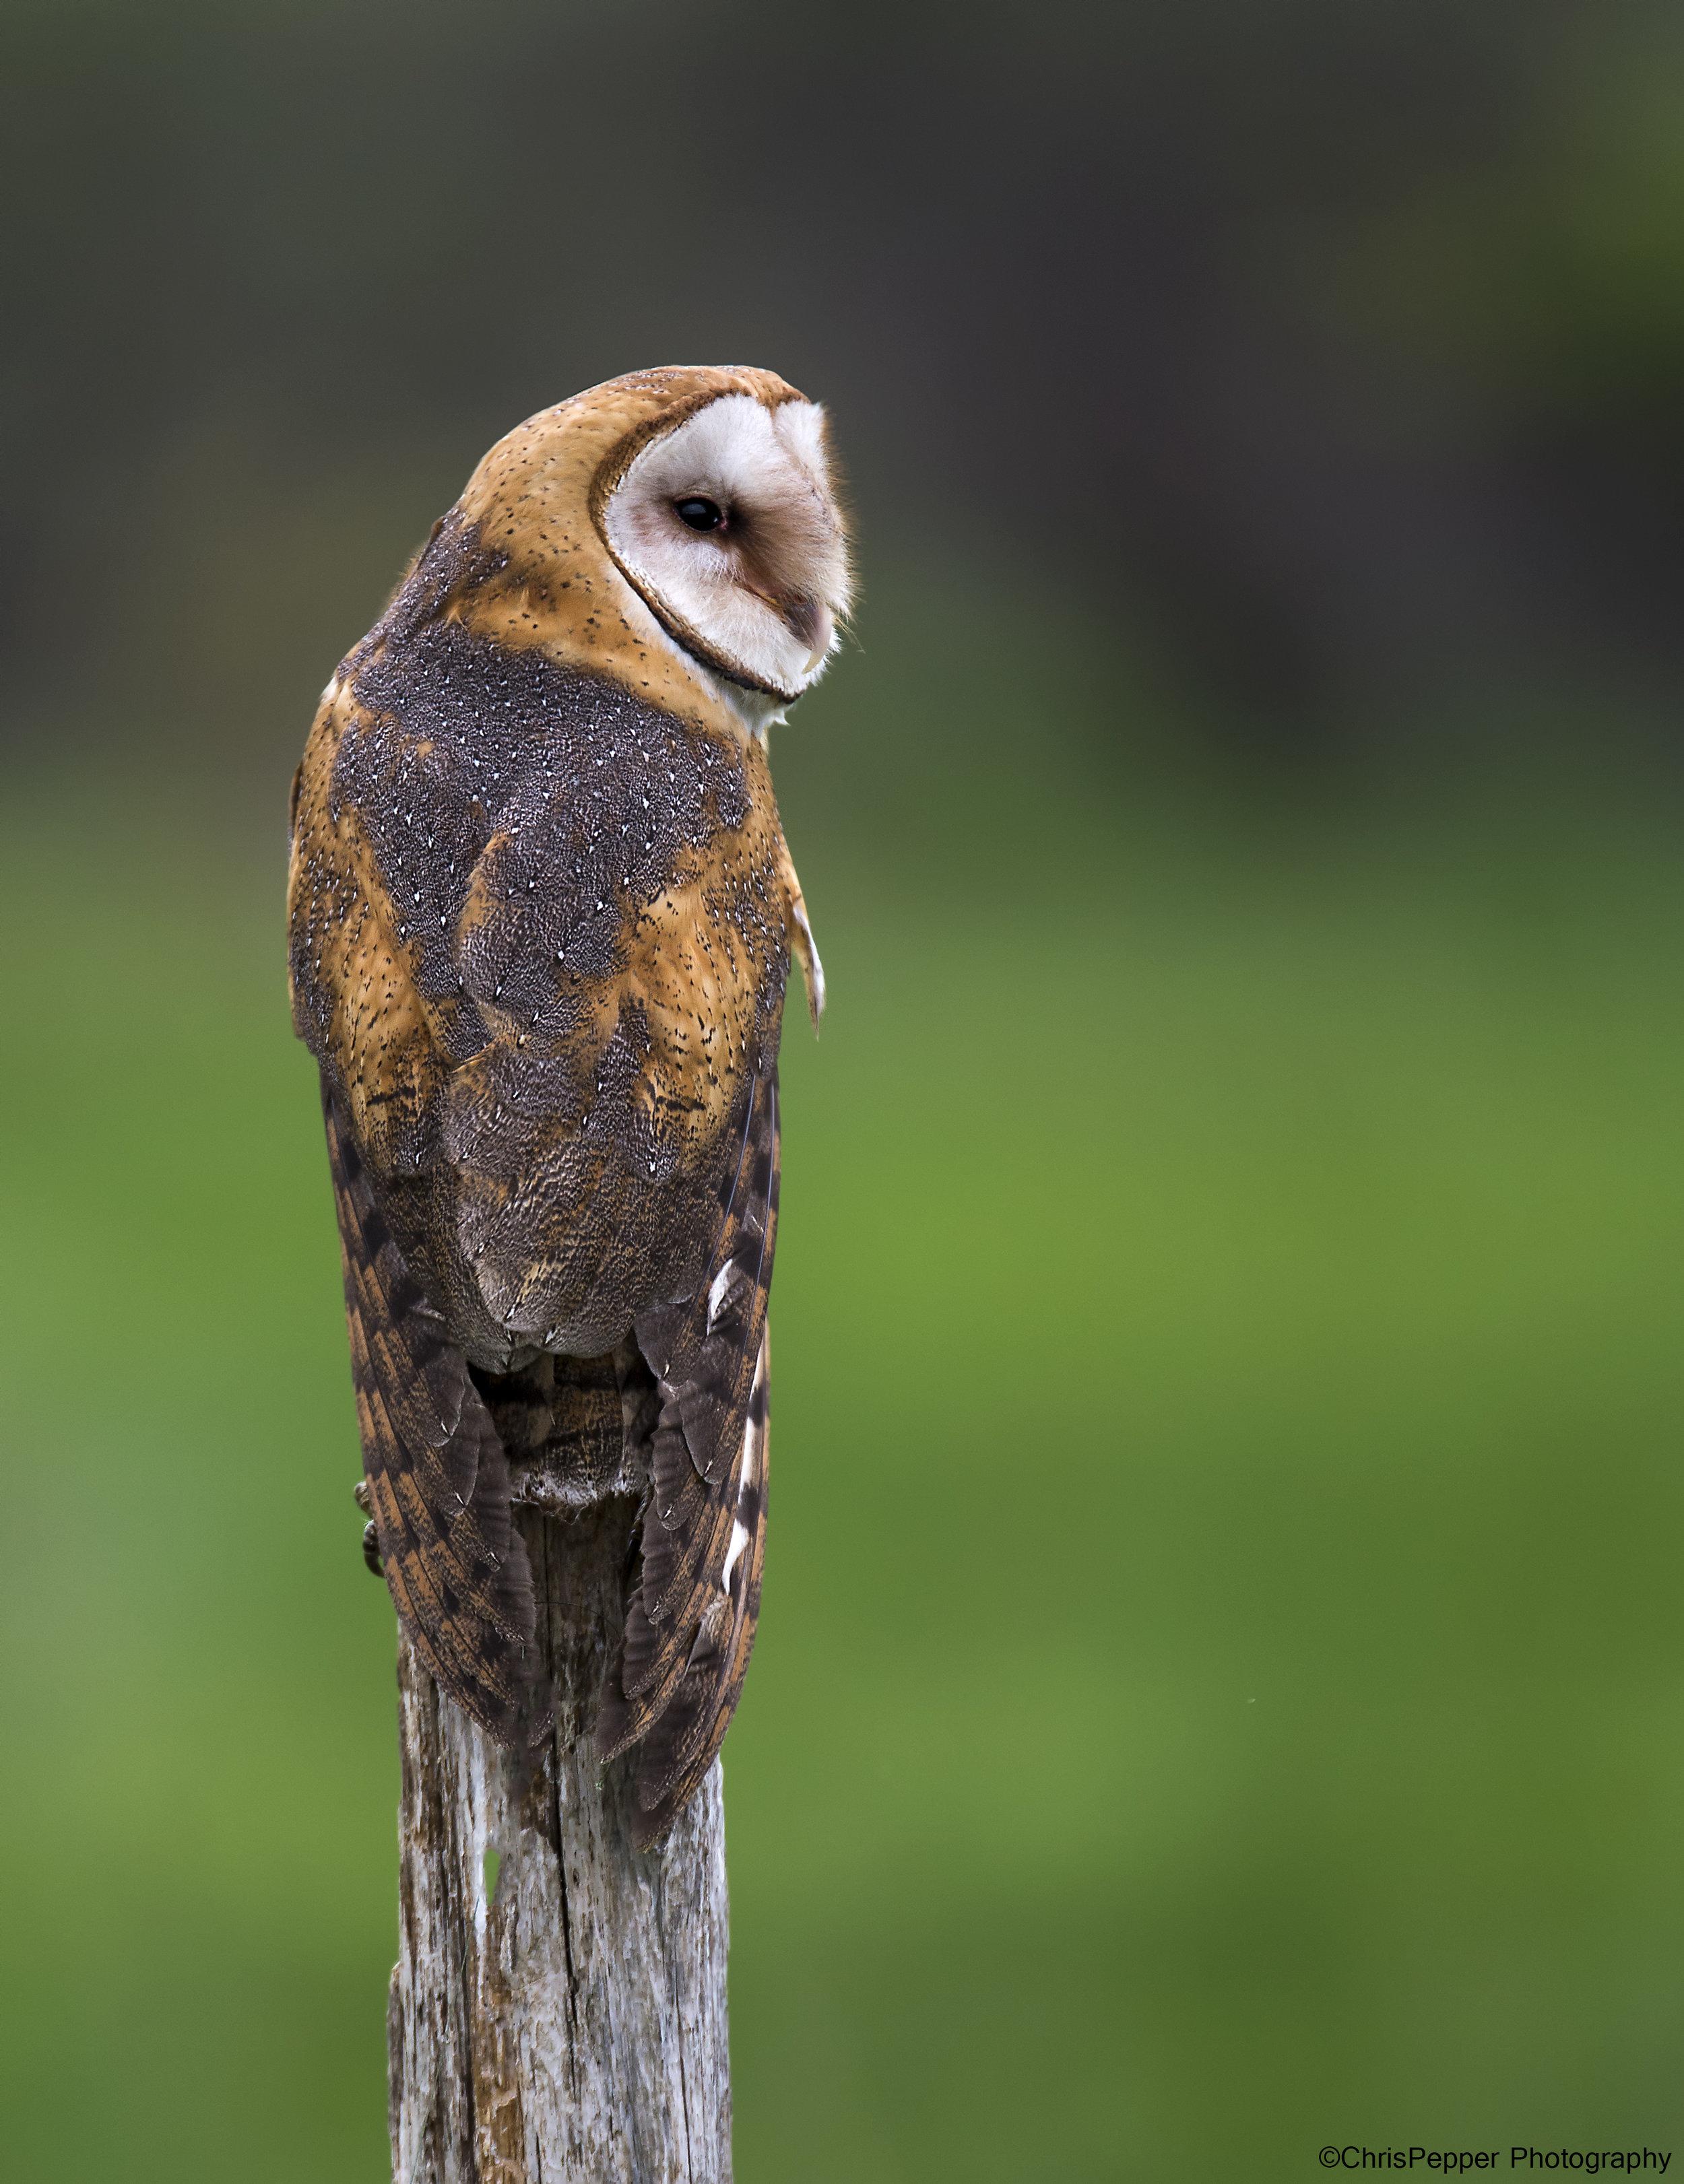 Female barn owl 1.jpg